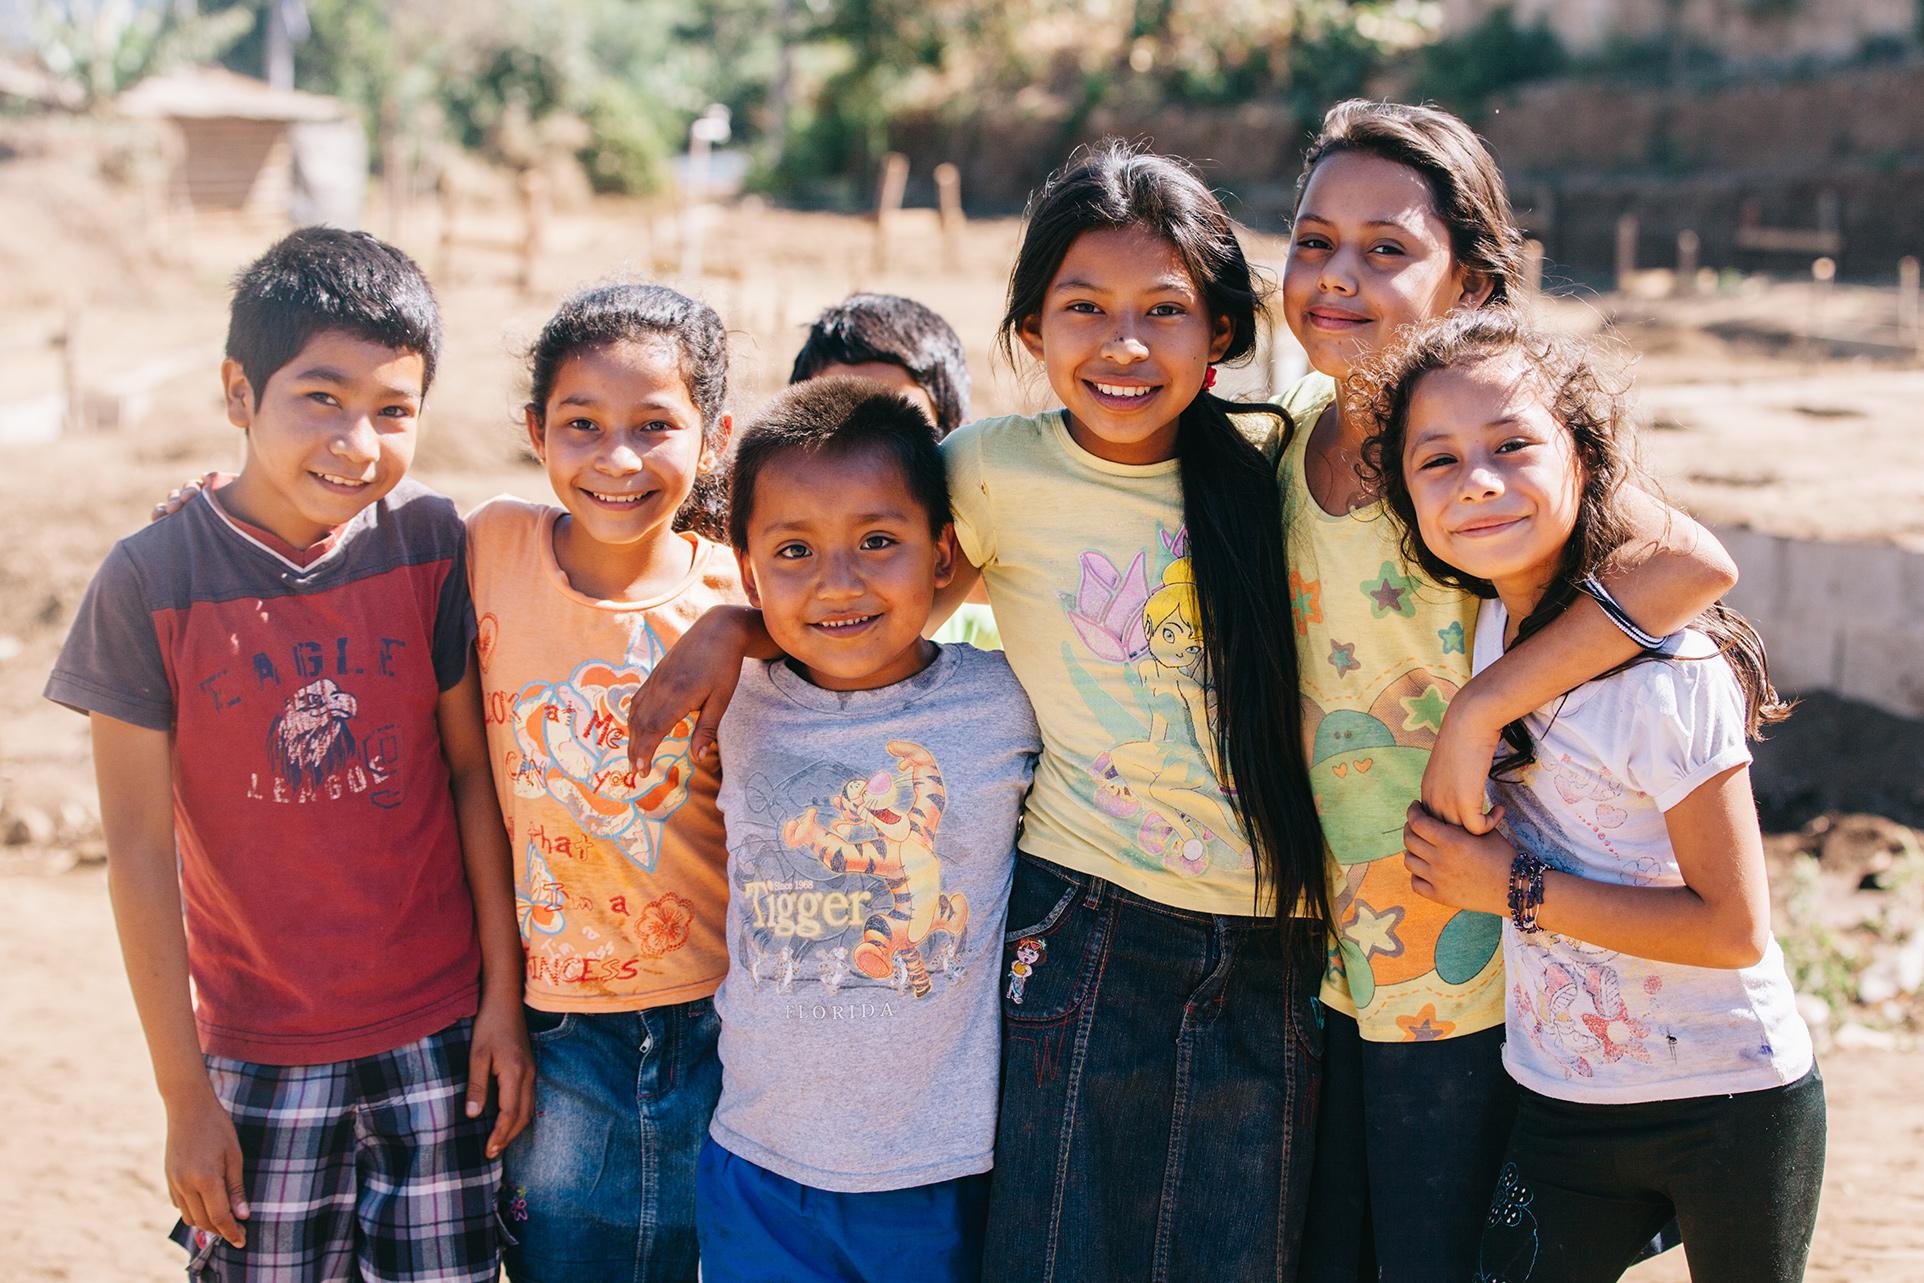 Some of the kiddos of Talnique, El Salvador